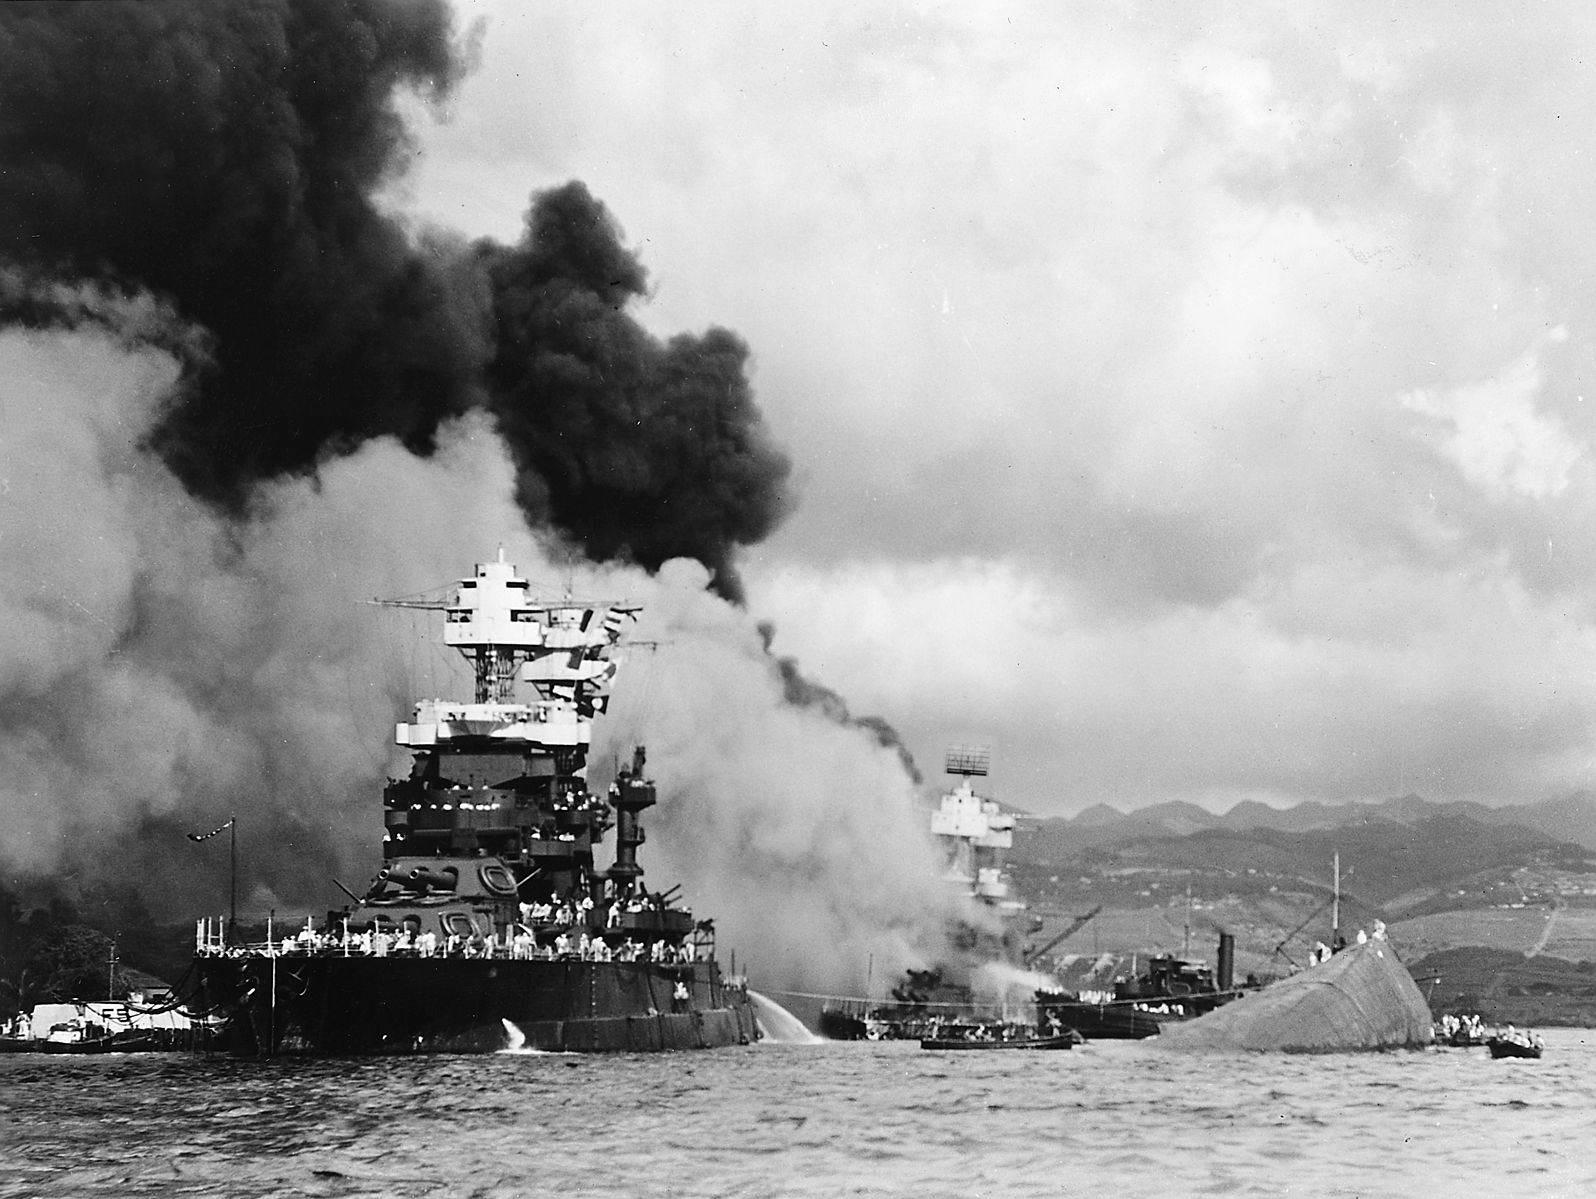 USSMarylandPearlHarbor - Le USS Maryland à côté de l'USS Oklahoma coulé. Au fond, l'USS West-Virginia est en feu, le 7 décembre 1941 à Pearl Harbor